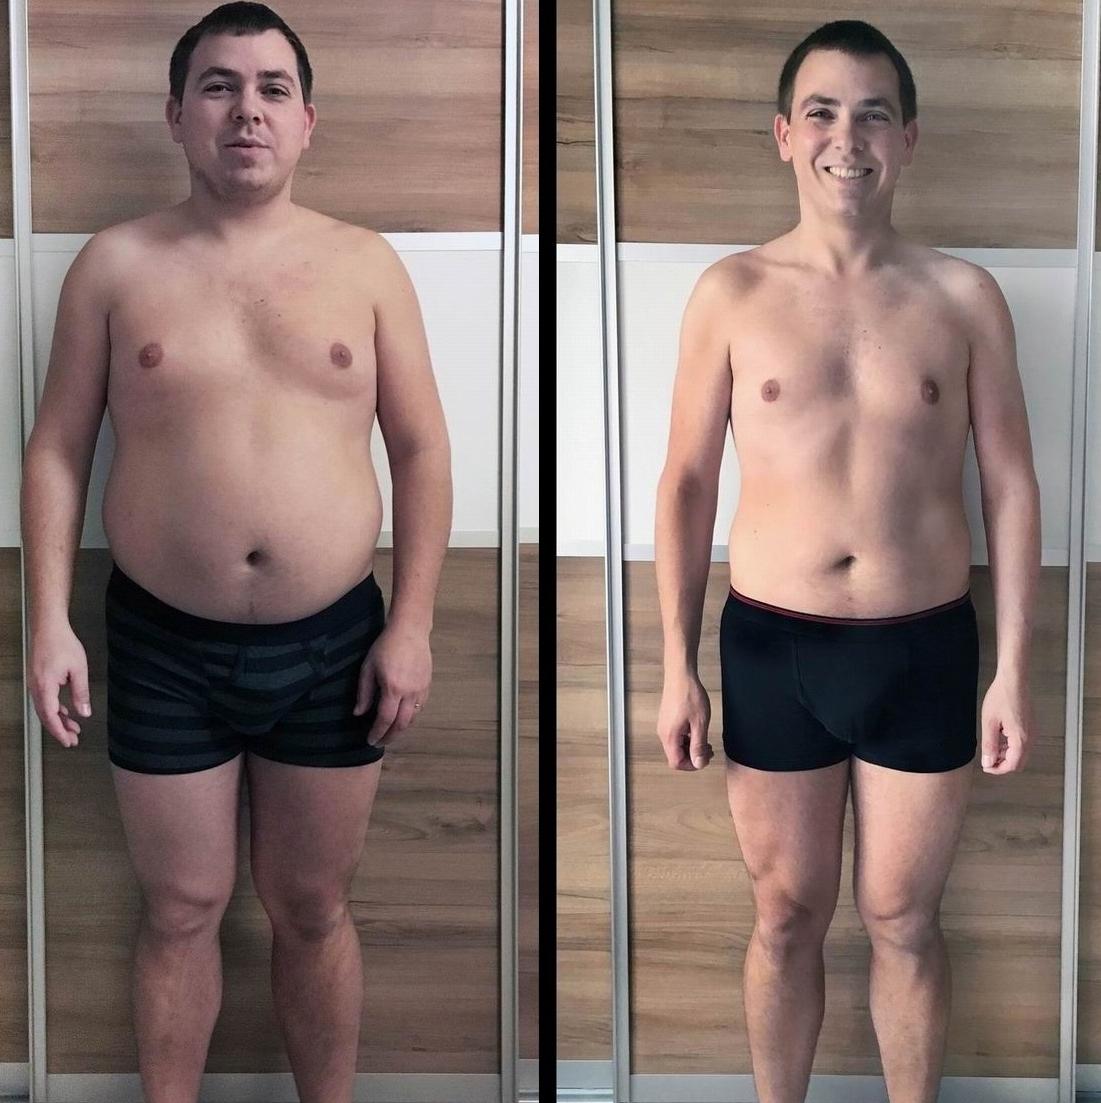 Aleš z VERO, 35 let / za 12 týdnů váha jako ve 20-ti